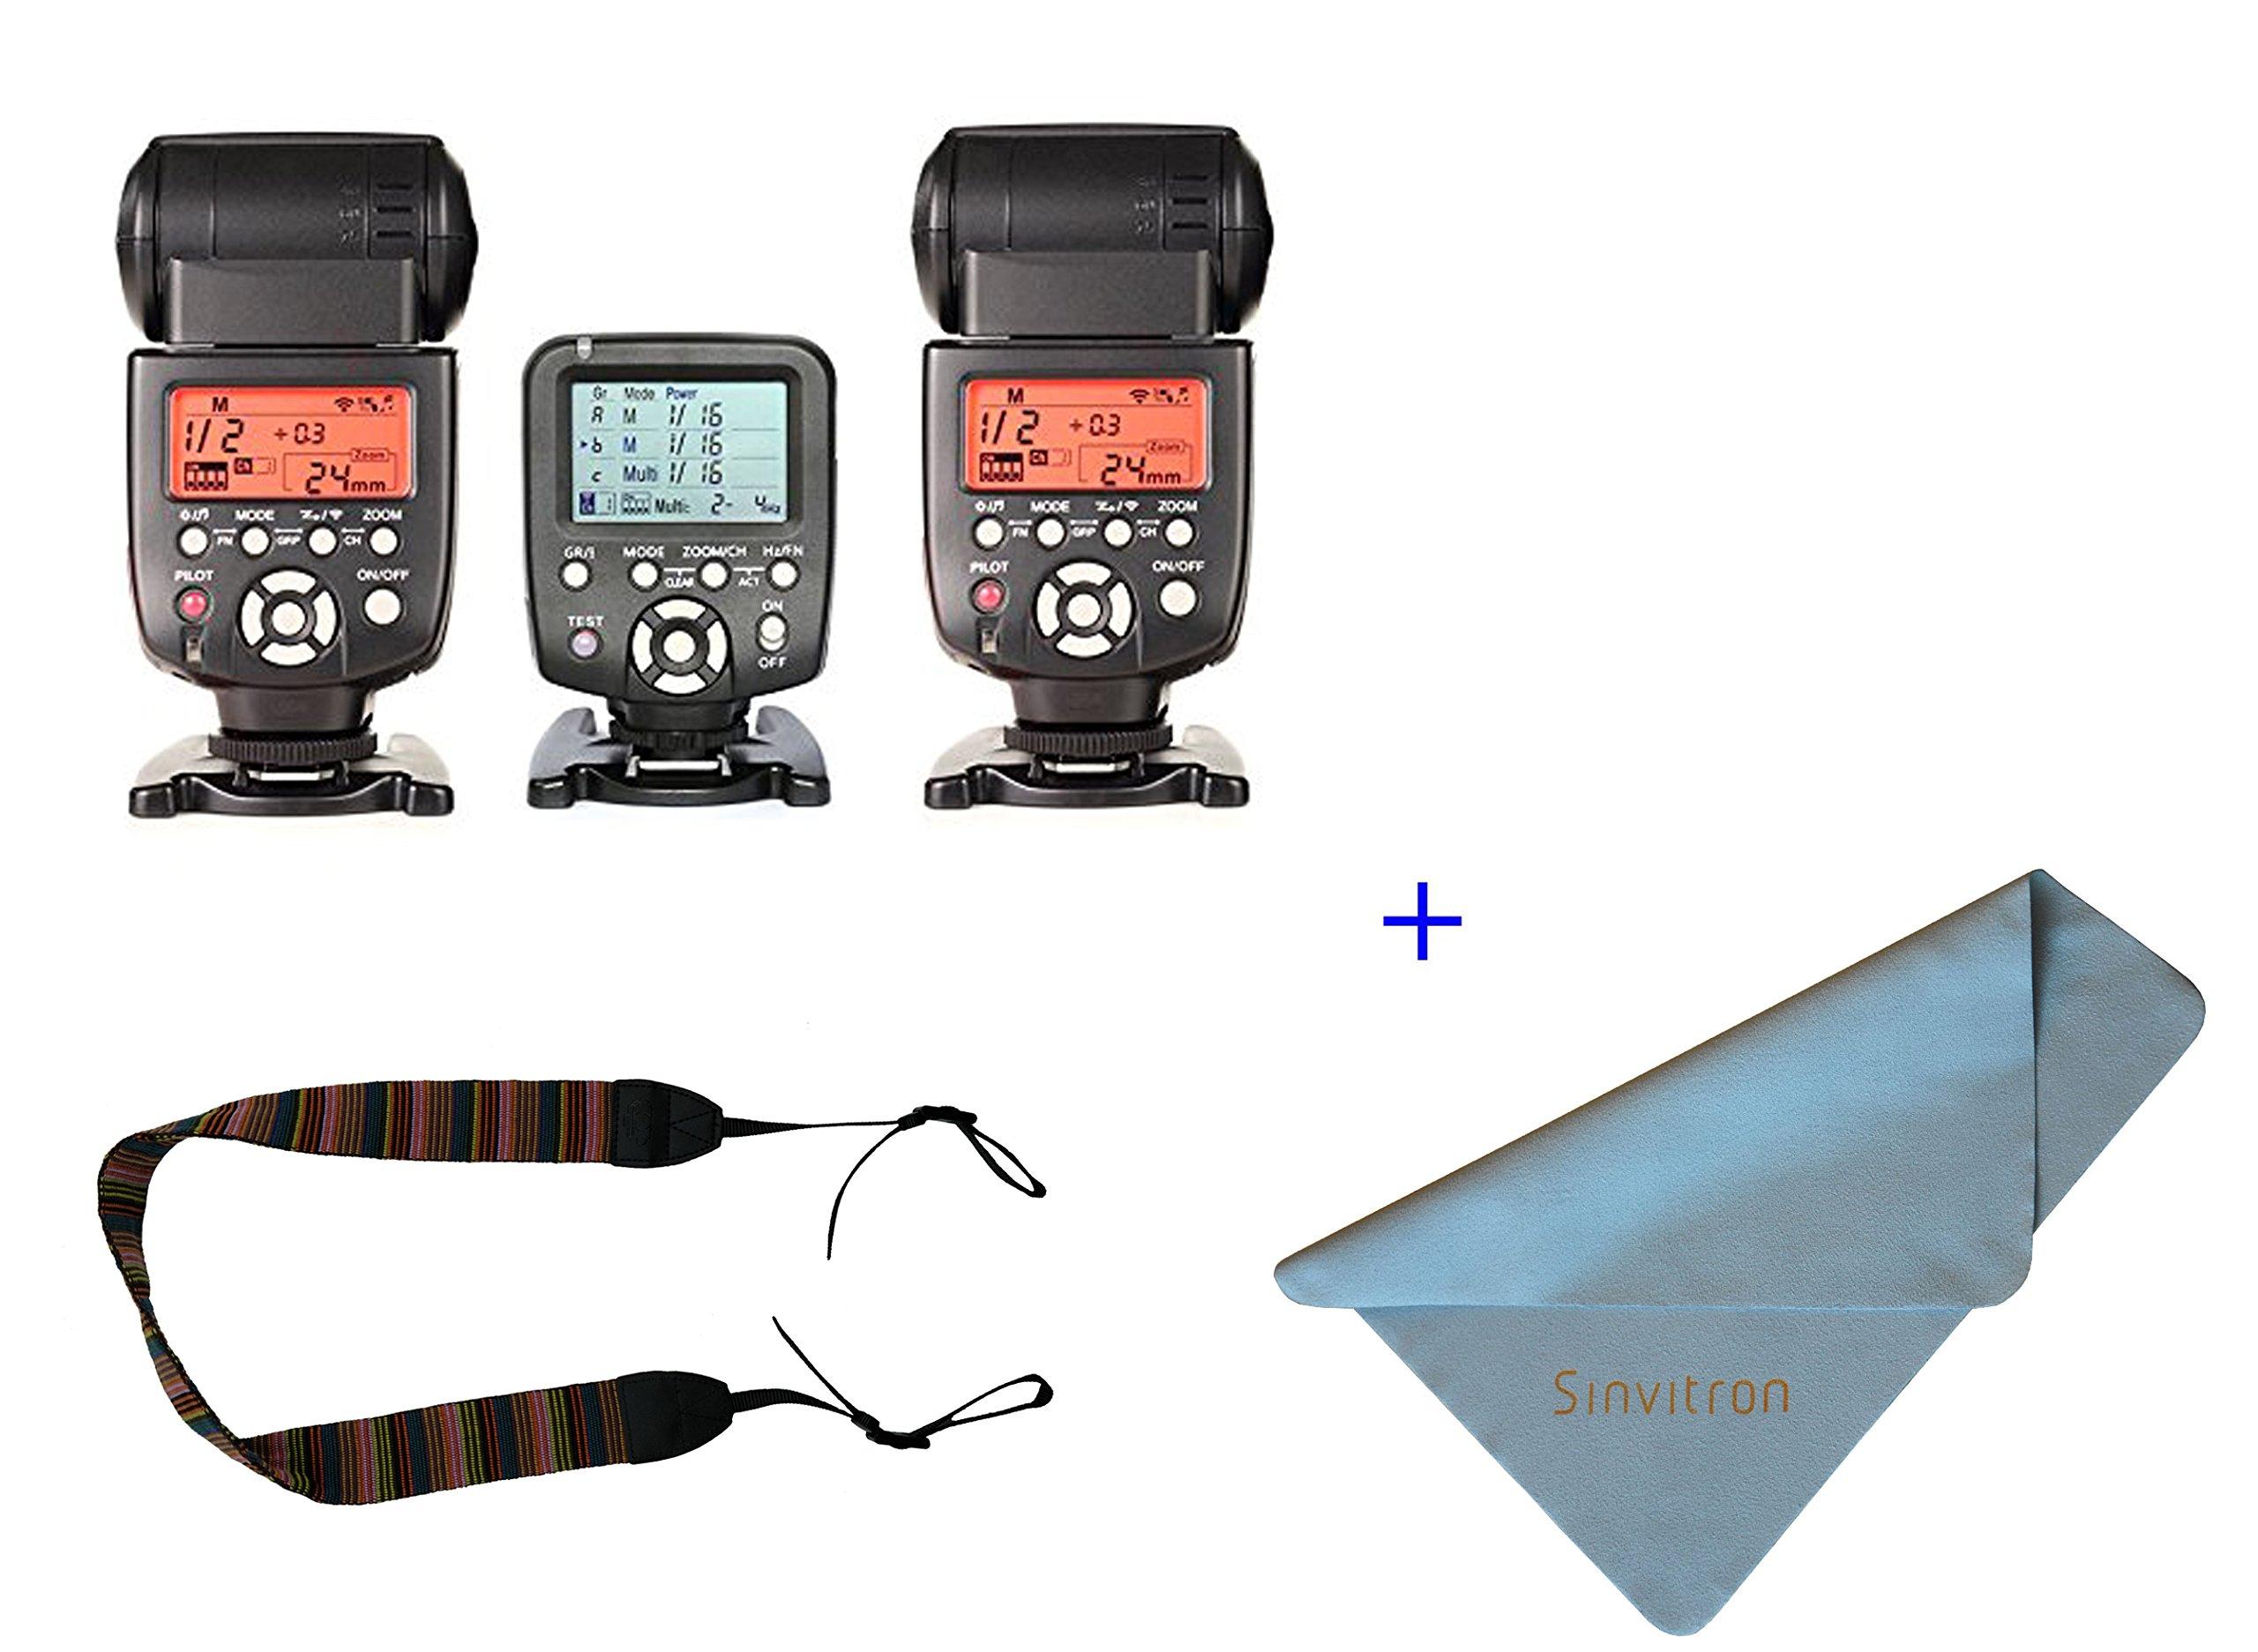 Yongnuo YN560-TX LCD Wireless Manual Flash Controller + 2pcs YN-560 III Manual Flash Speedlite Light For for Nikon D7200 D7100 D7000 D5100 D90 D5200 D5000 D3000 D3200 D3100 D610 D800 D700 D300 D300S